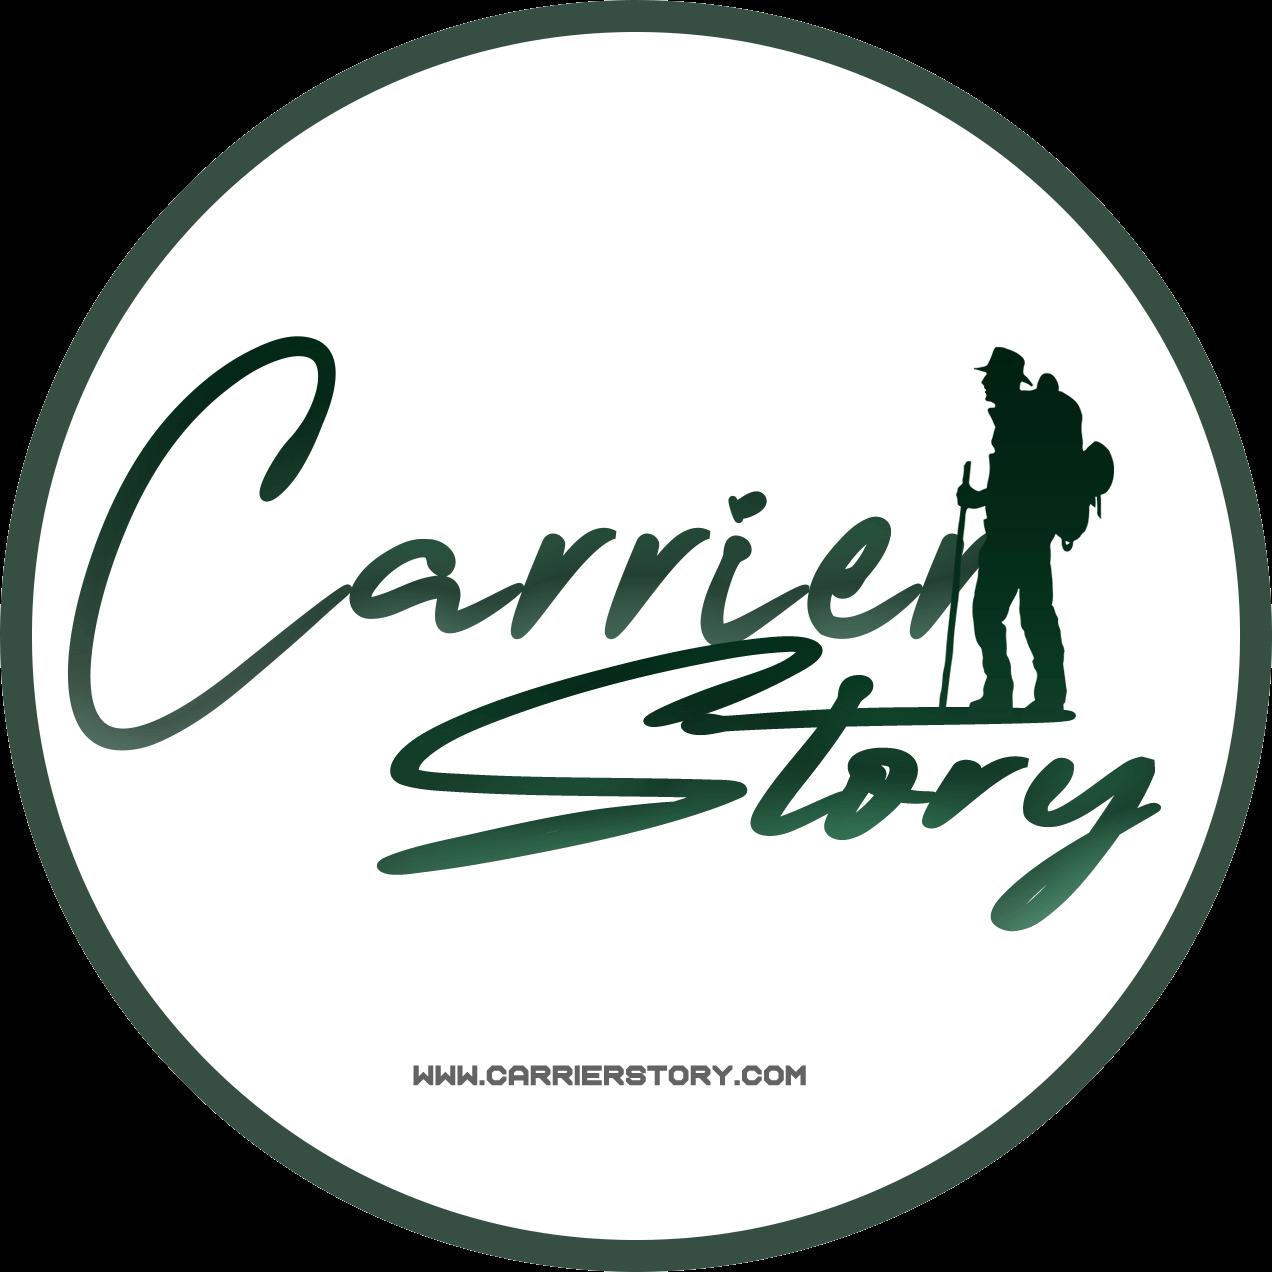 CarrierStory.com